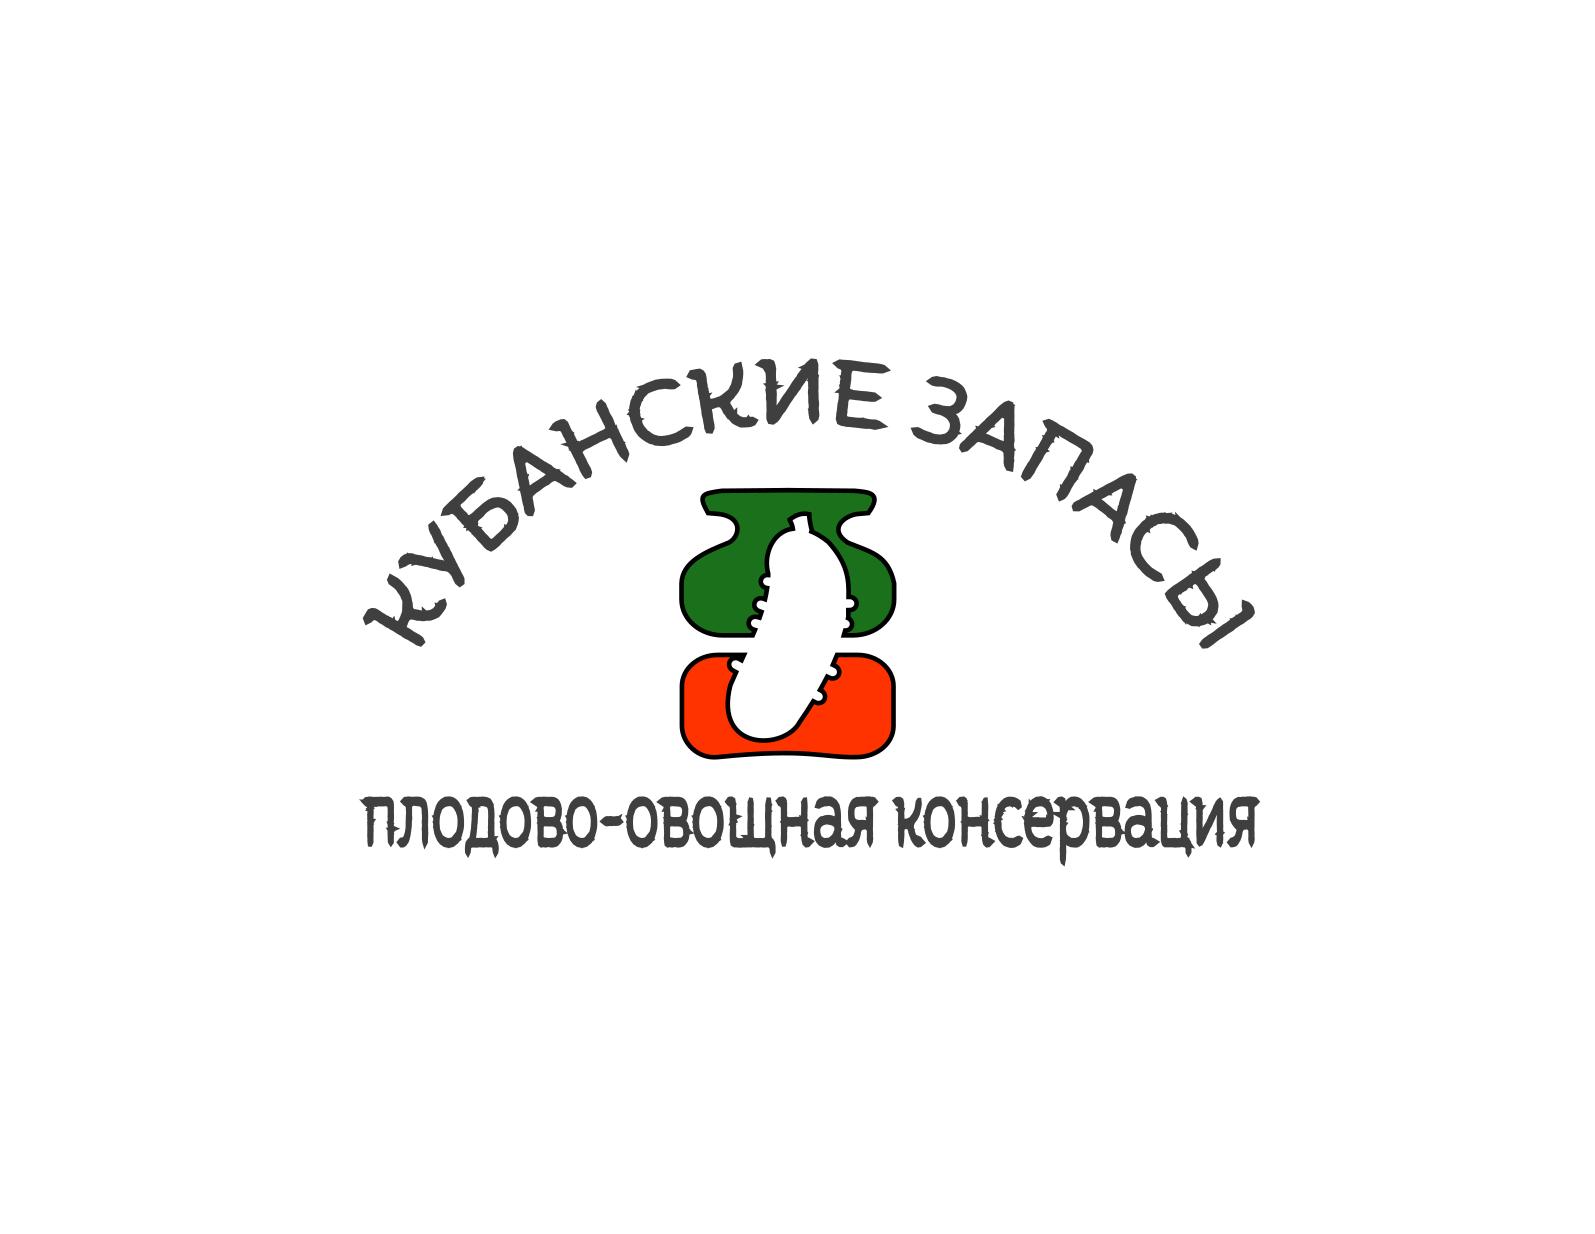 Логотип, фирменный стиль фото f_2345de6c7e02d17c.png